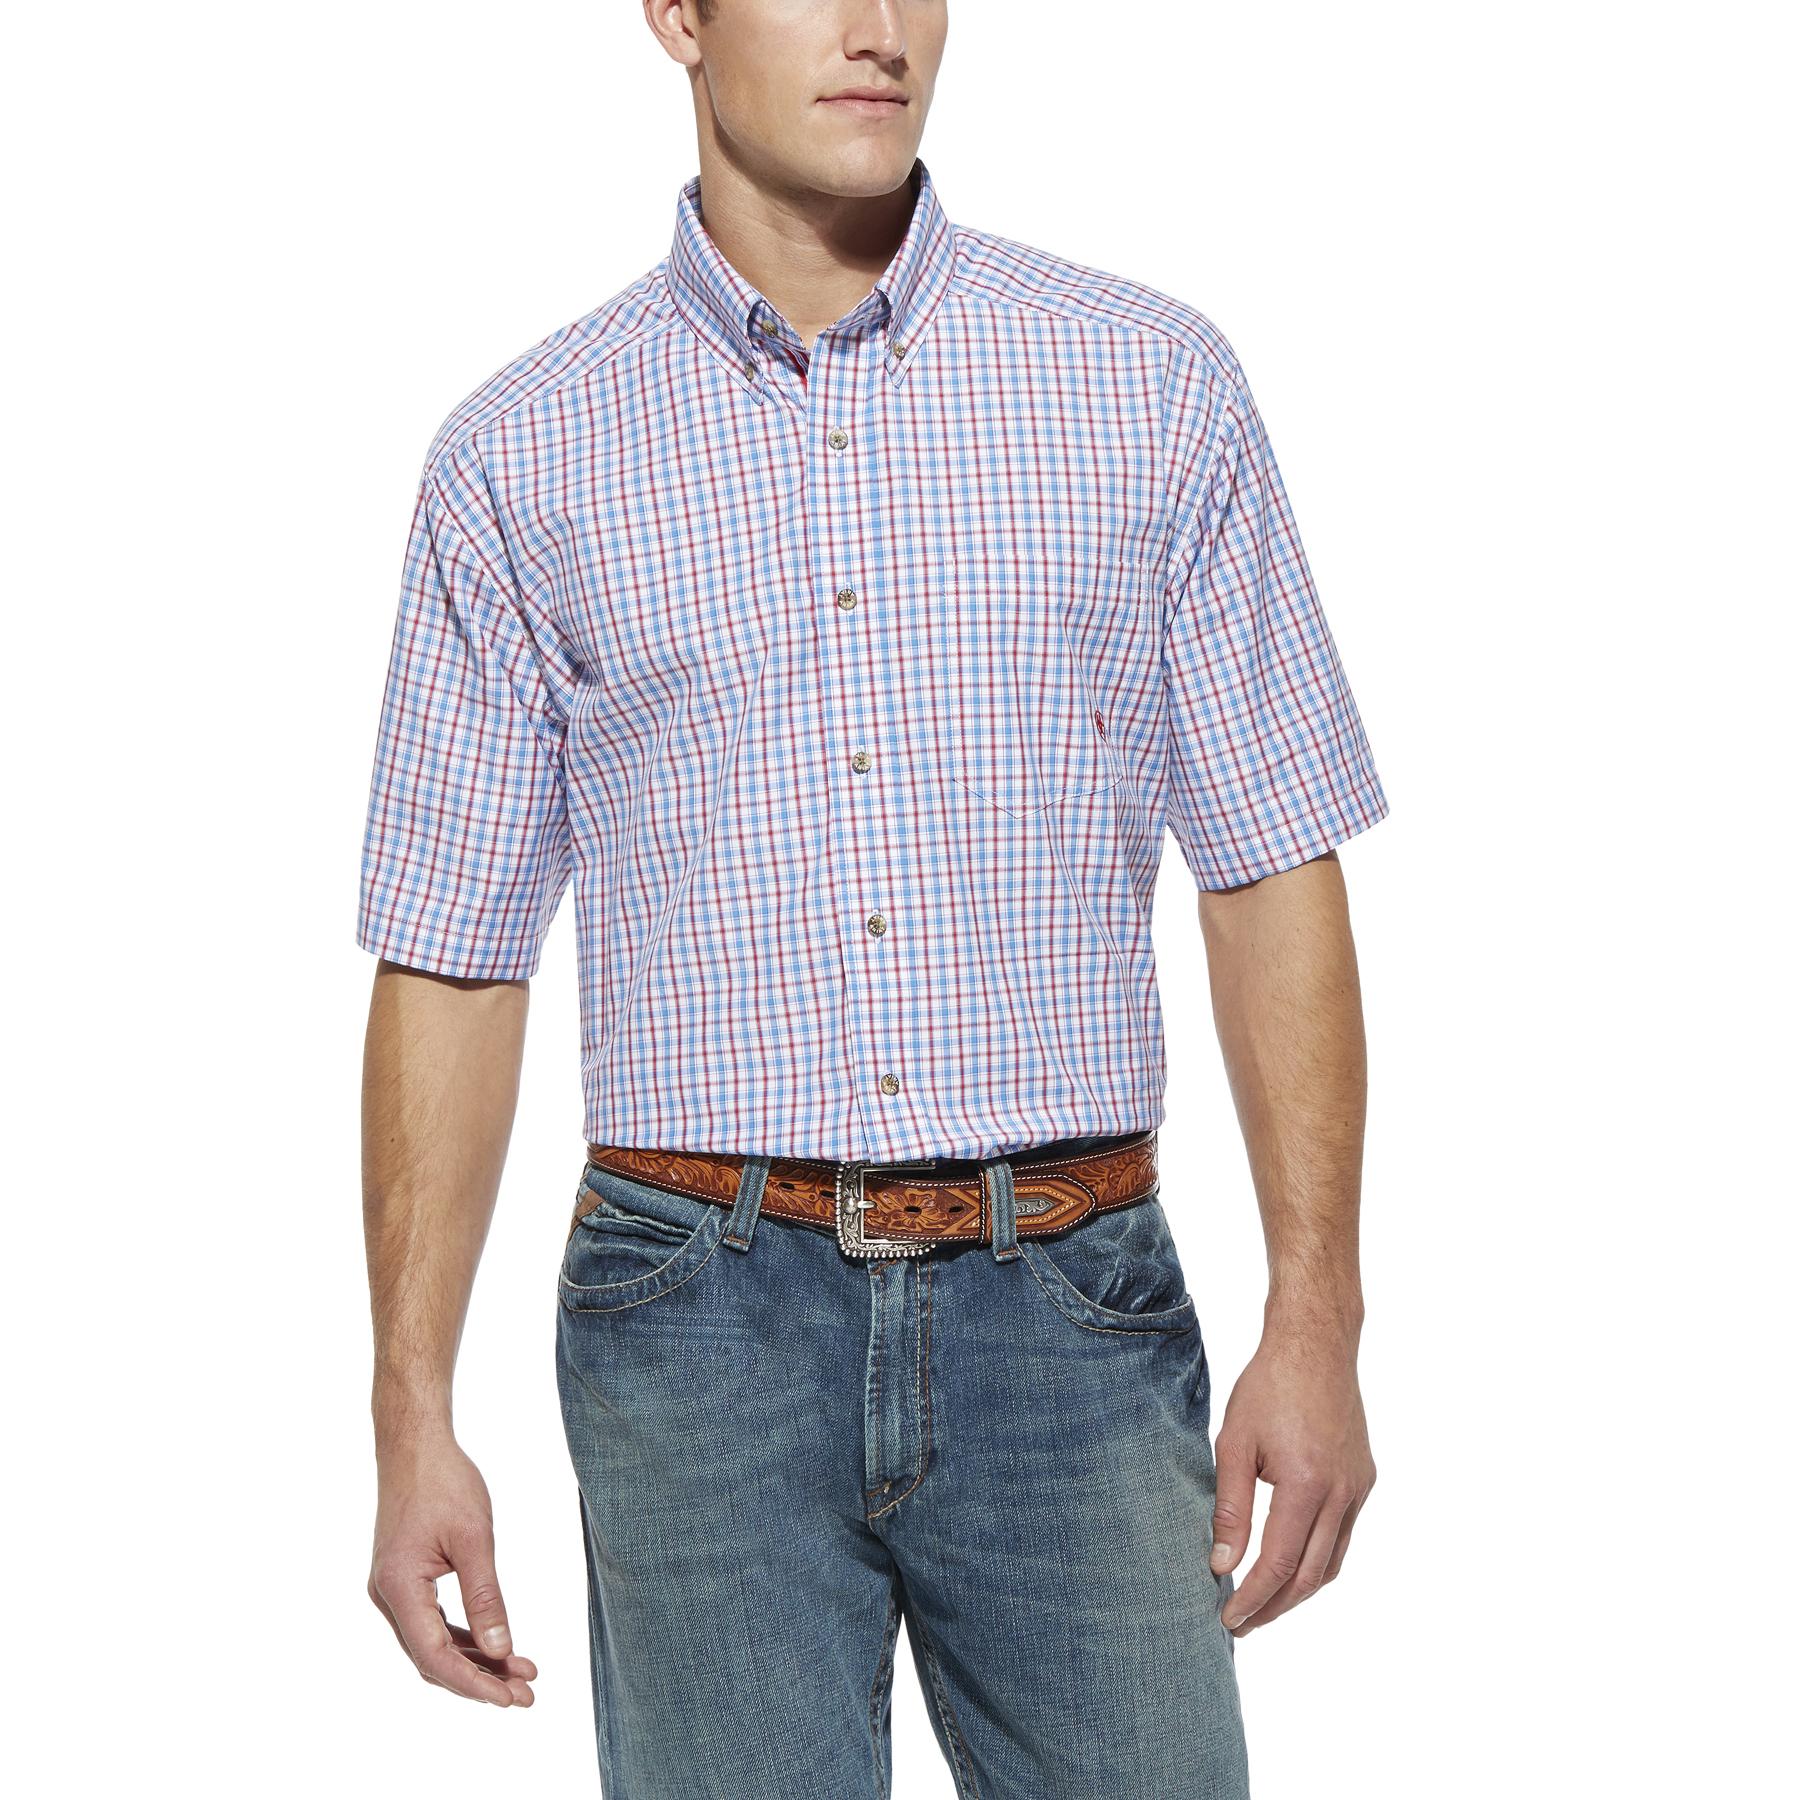 Ariat Men's Vaughan Performance Short Sleeve Shirt